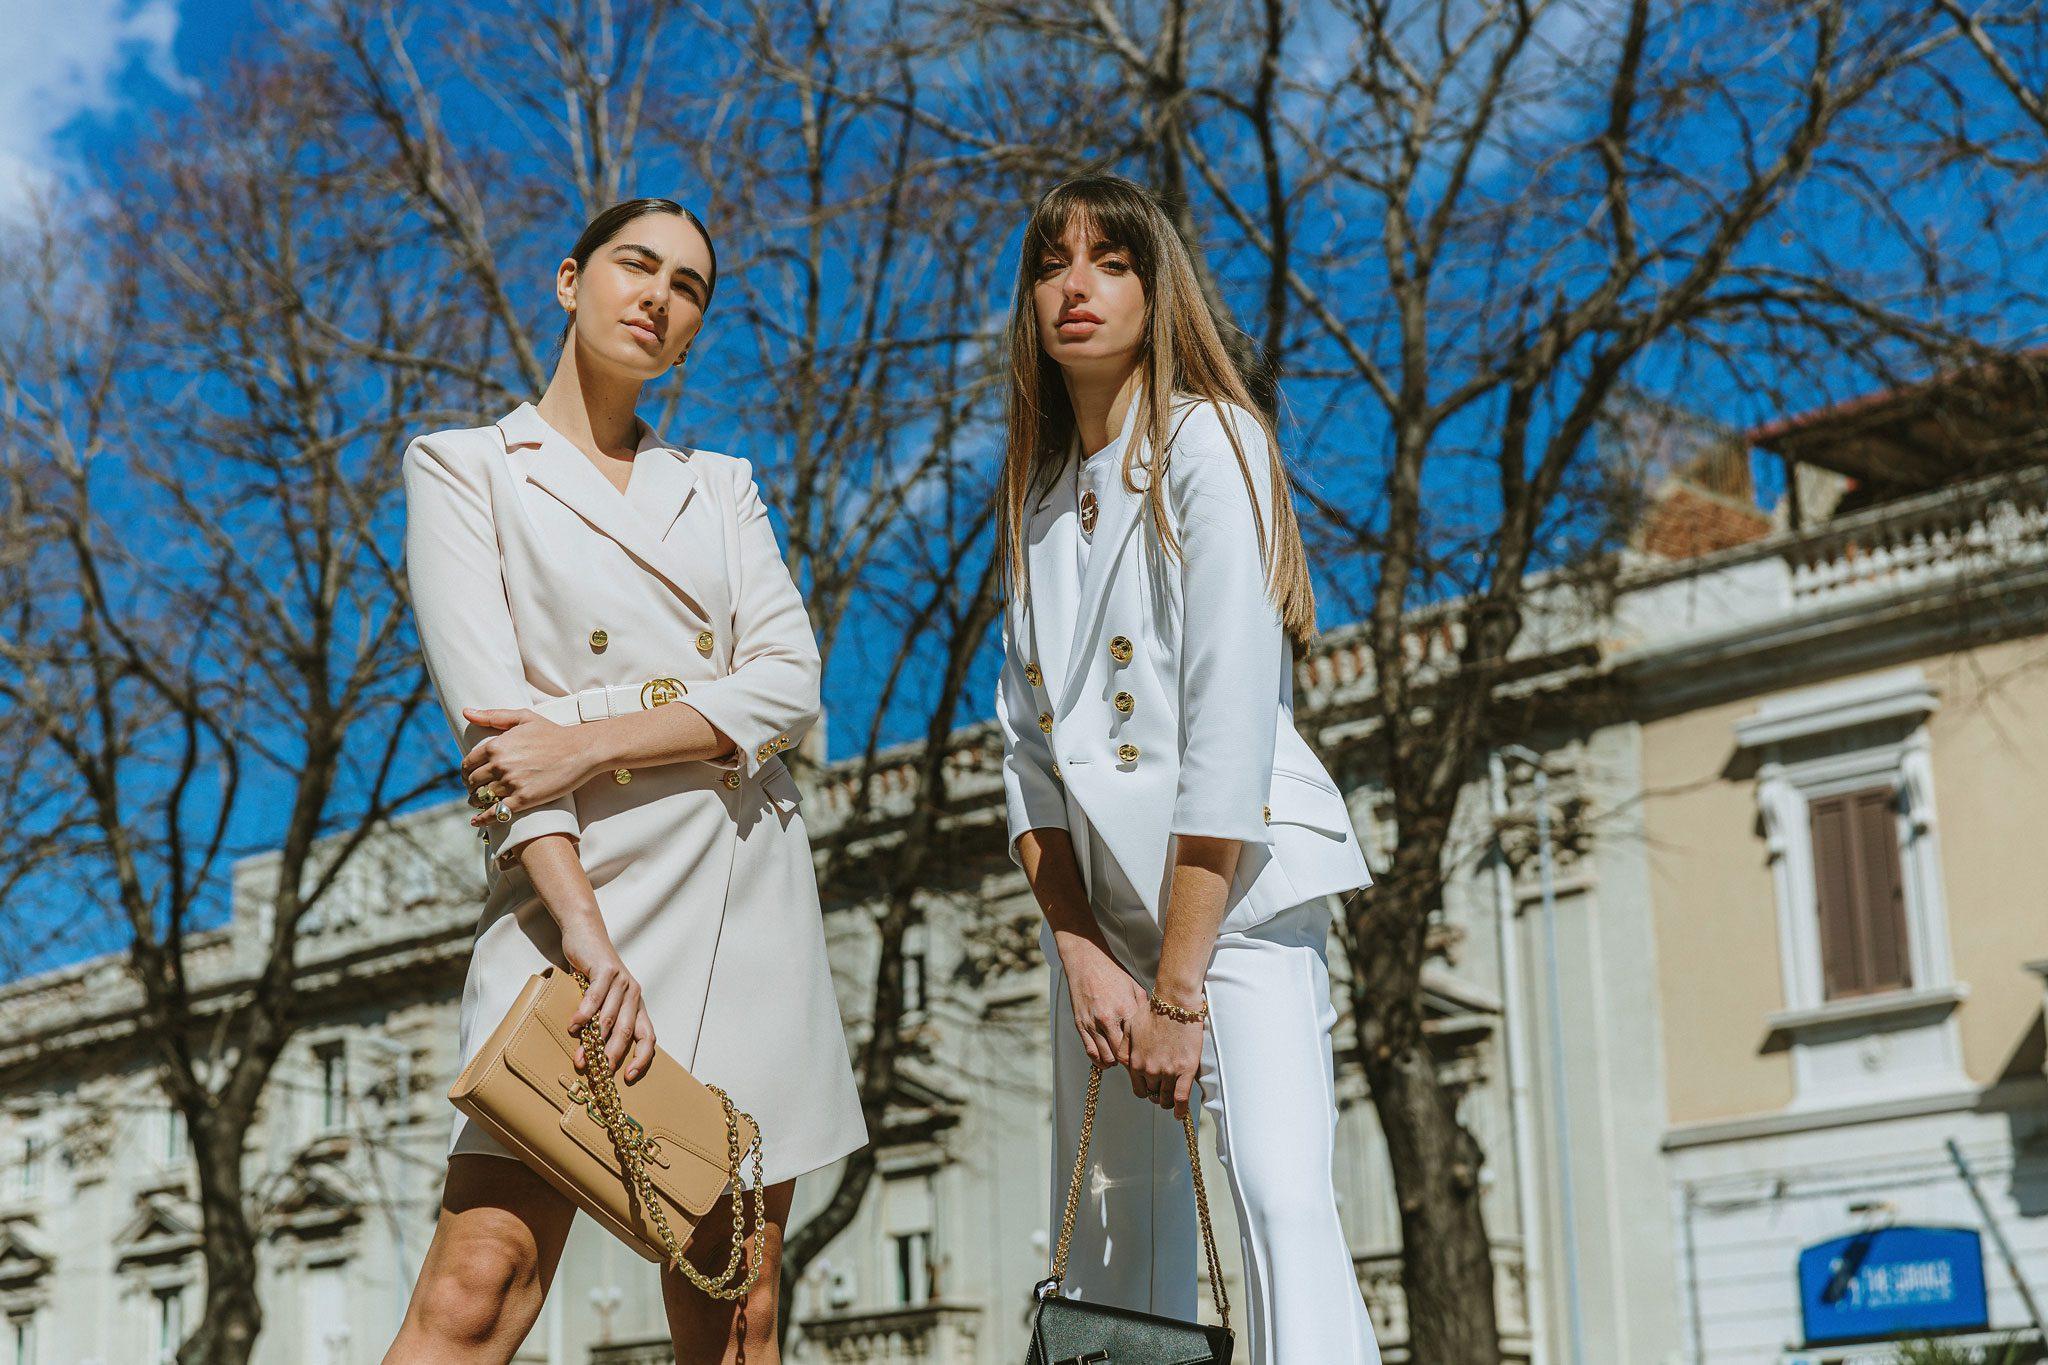 Fotografia di moda a Messina